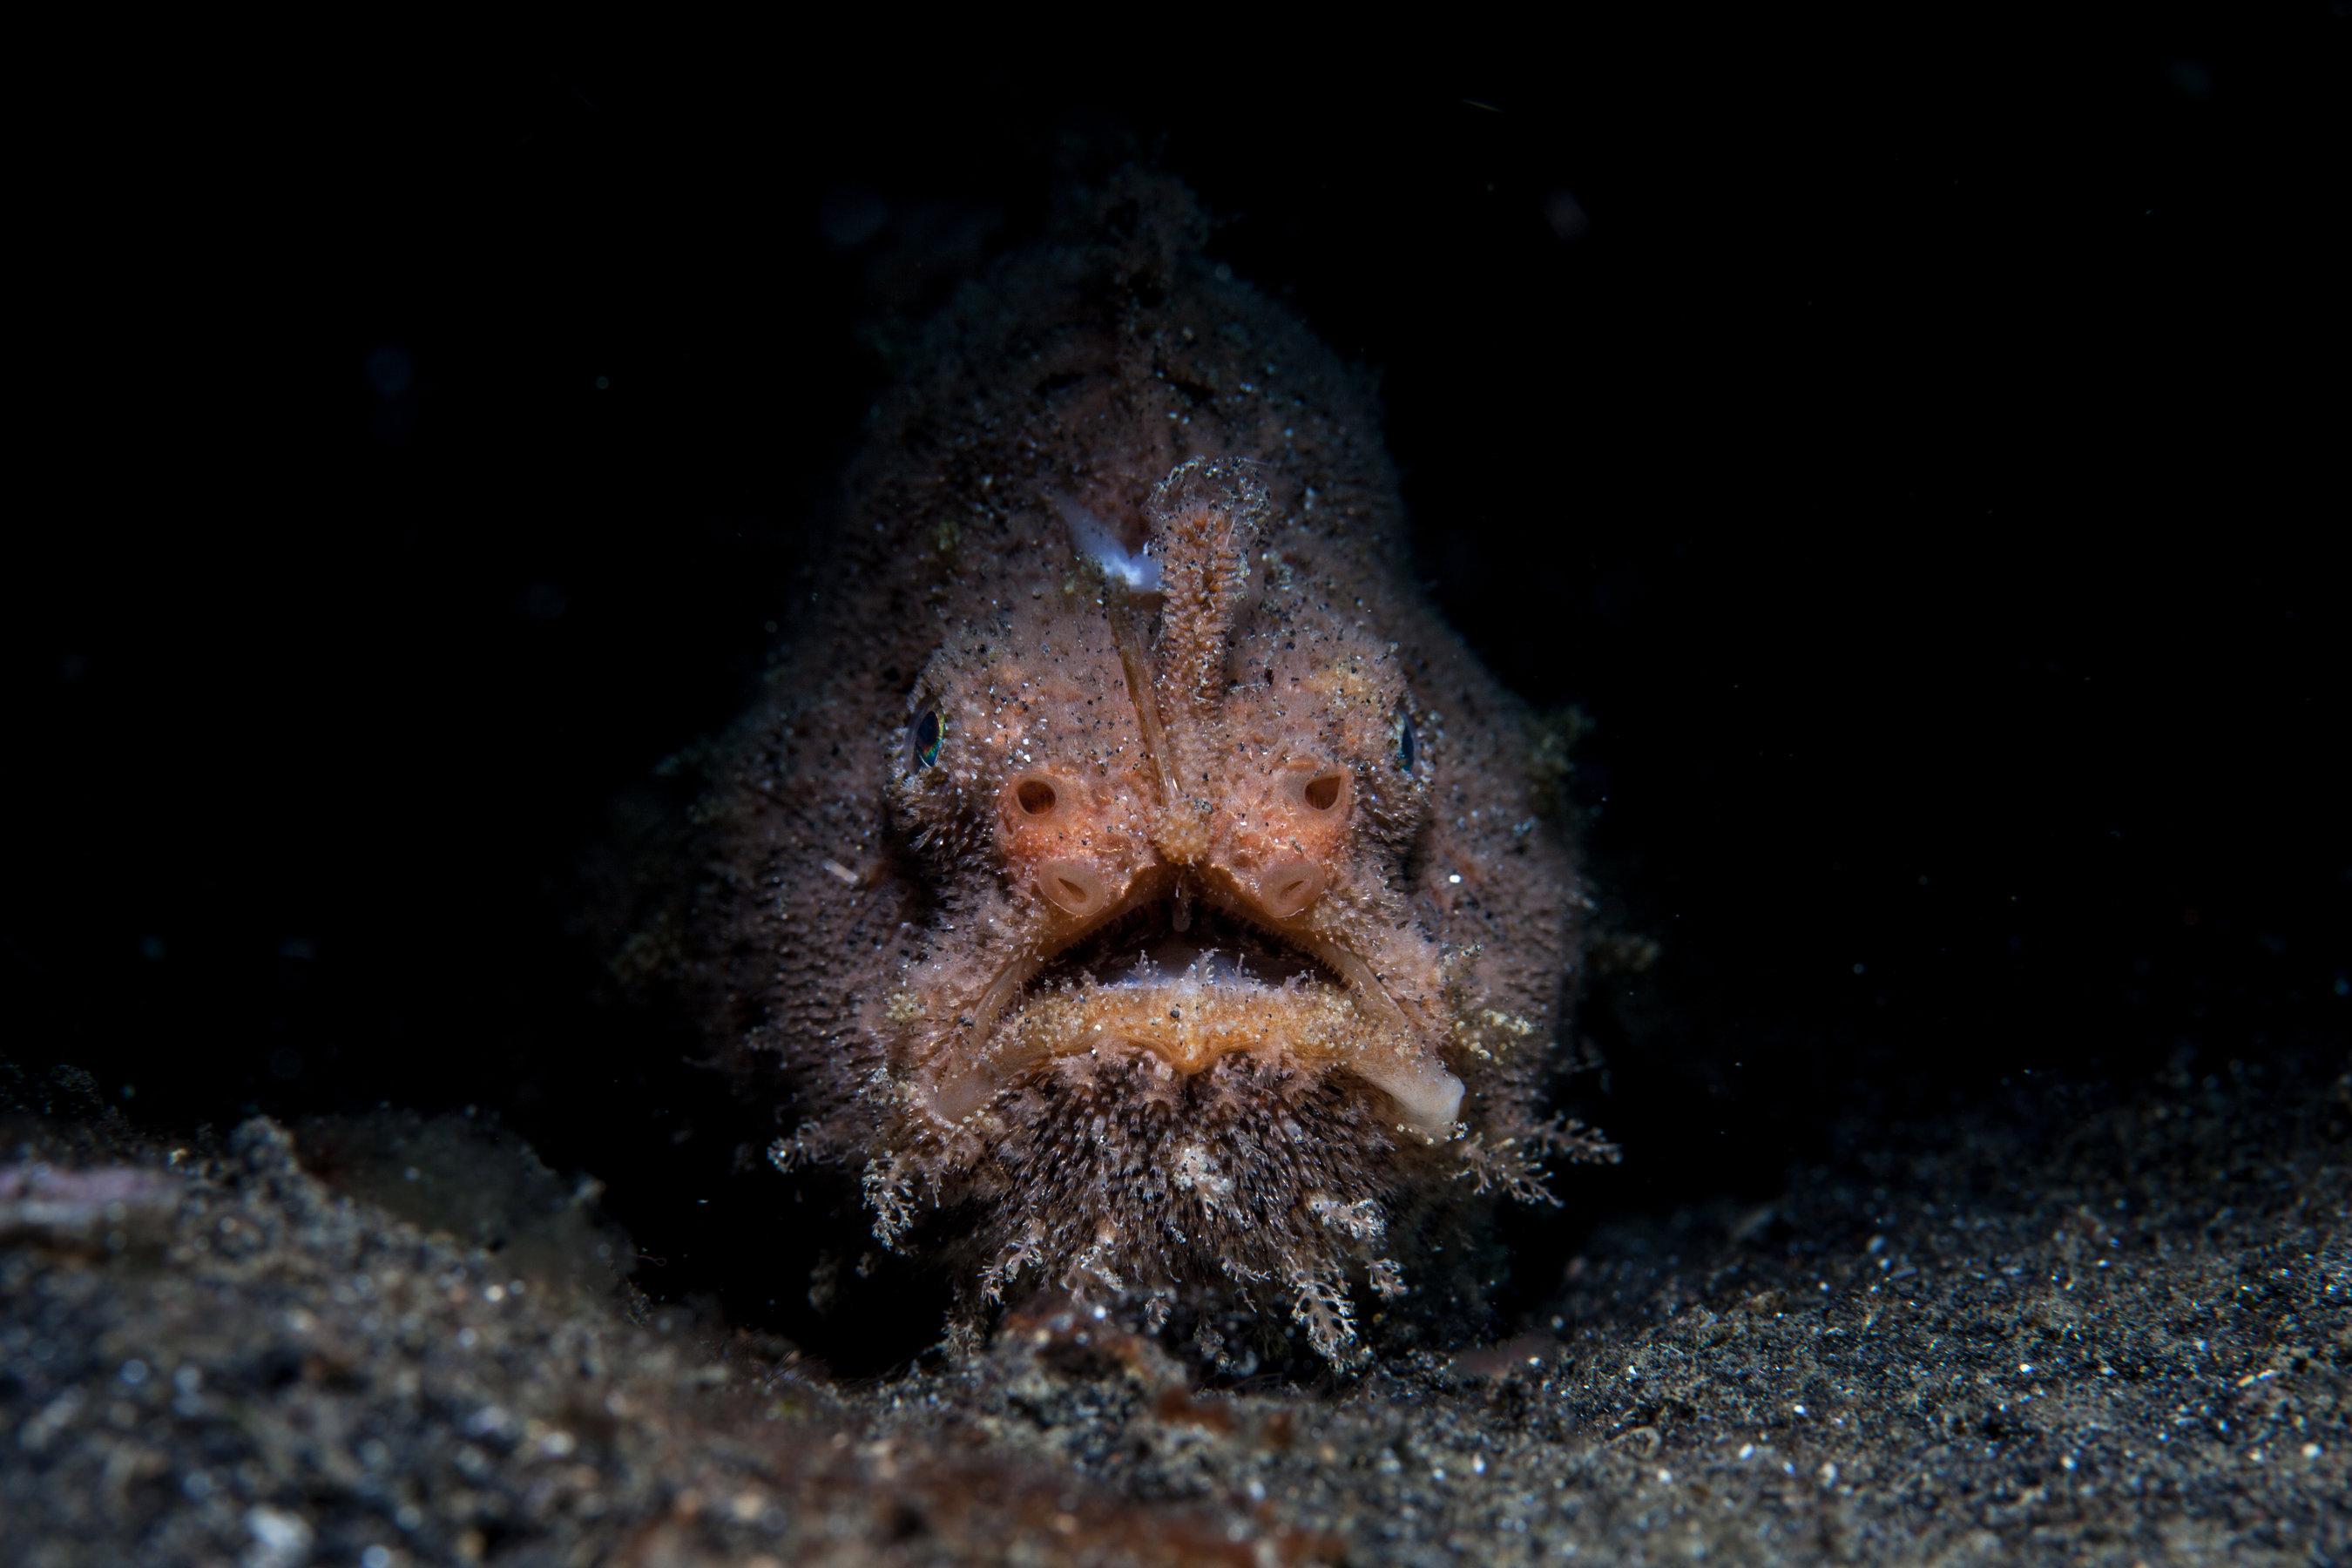 an anglerfish on the bottom of the sea